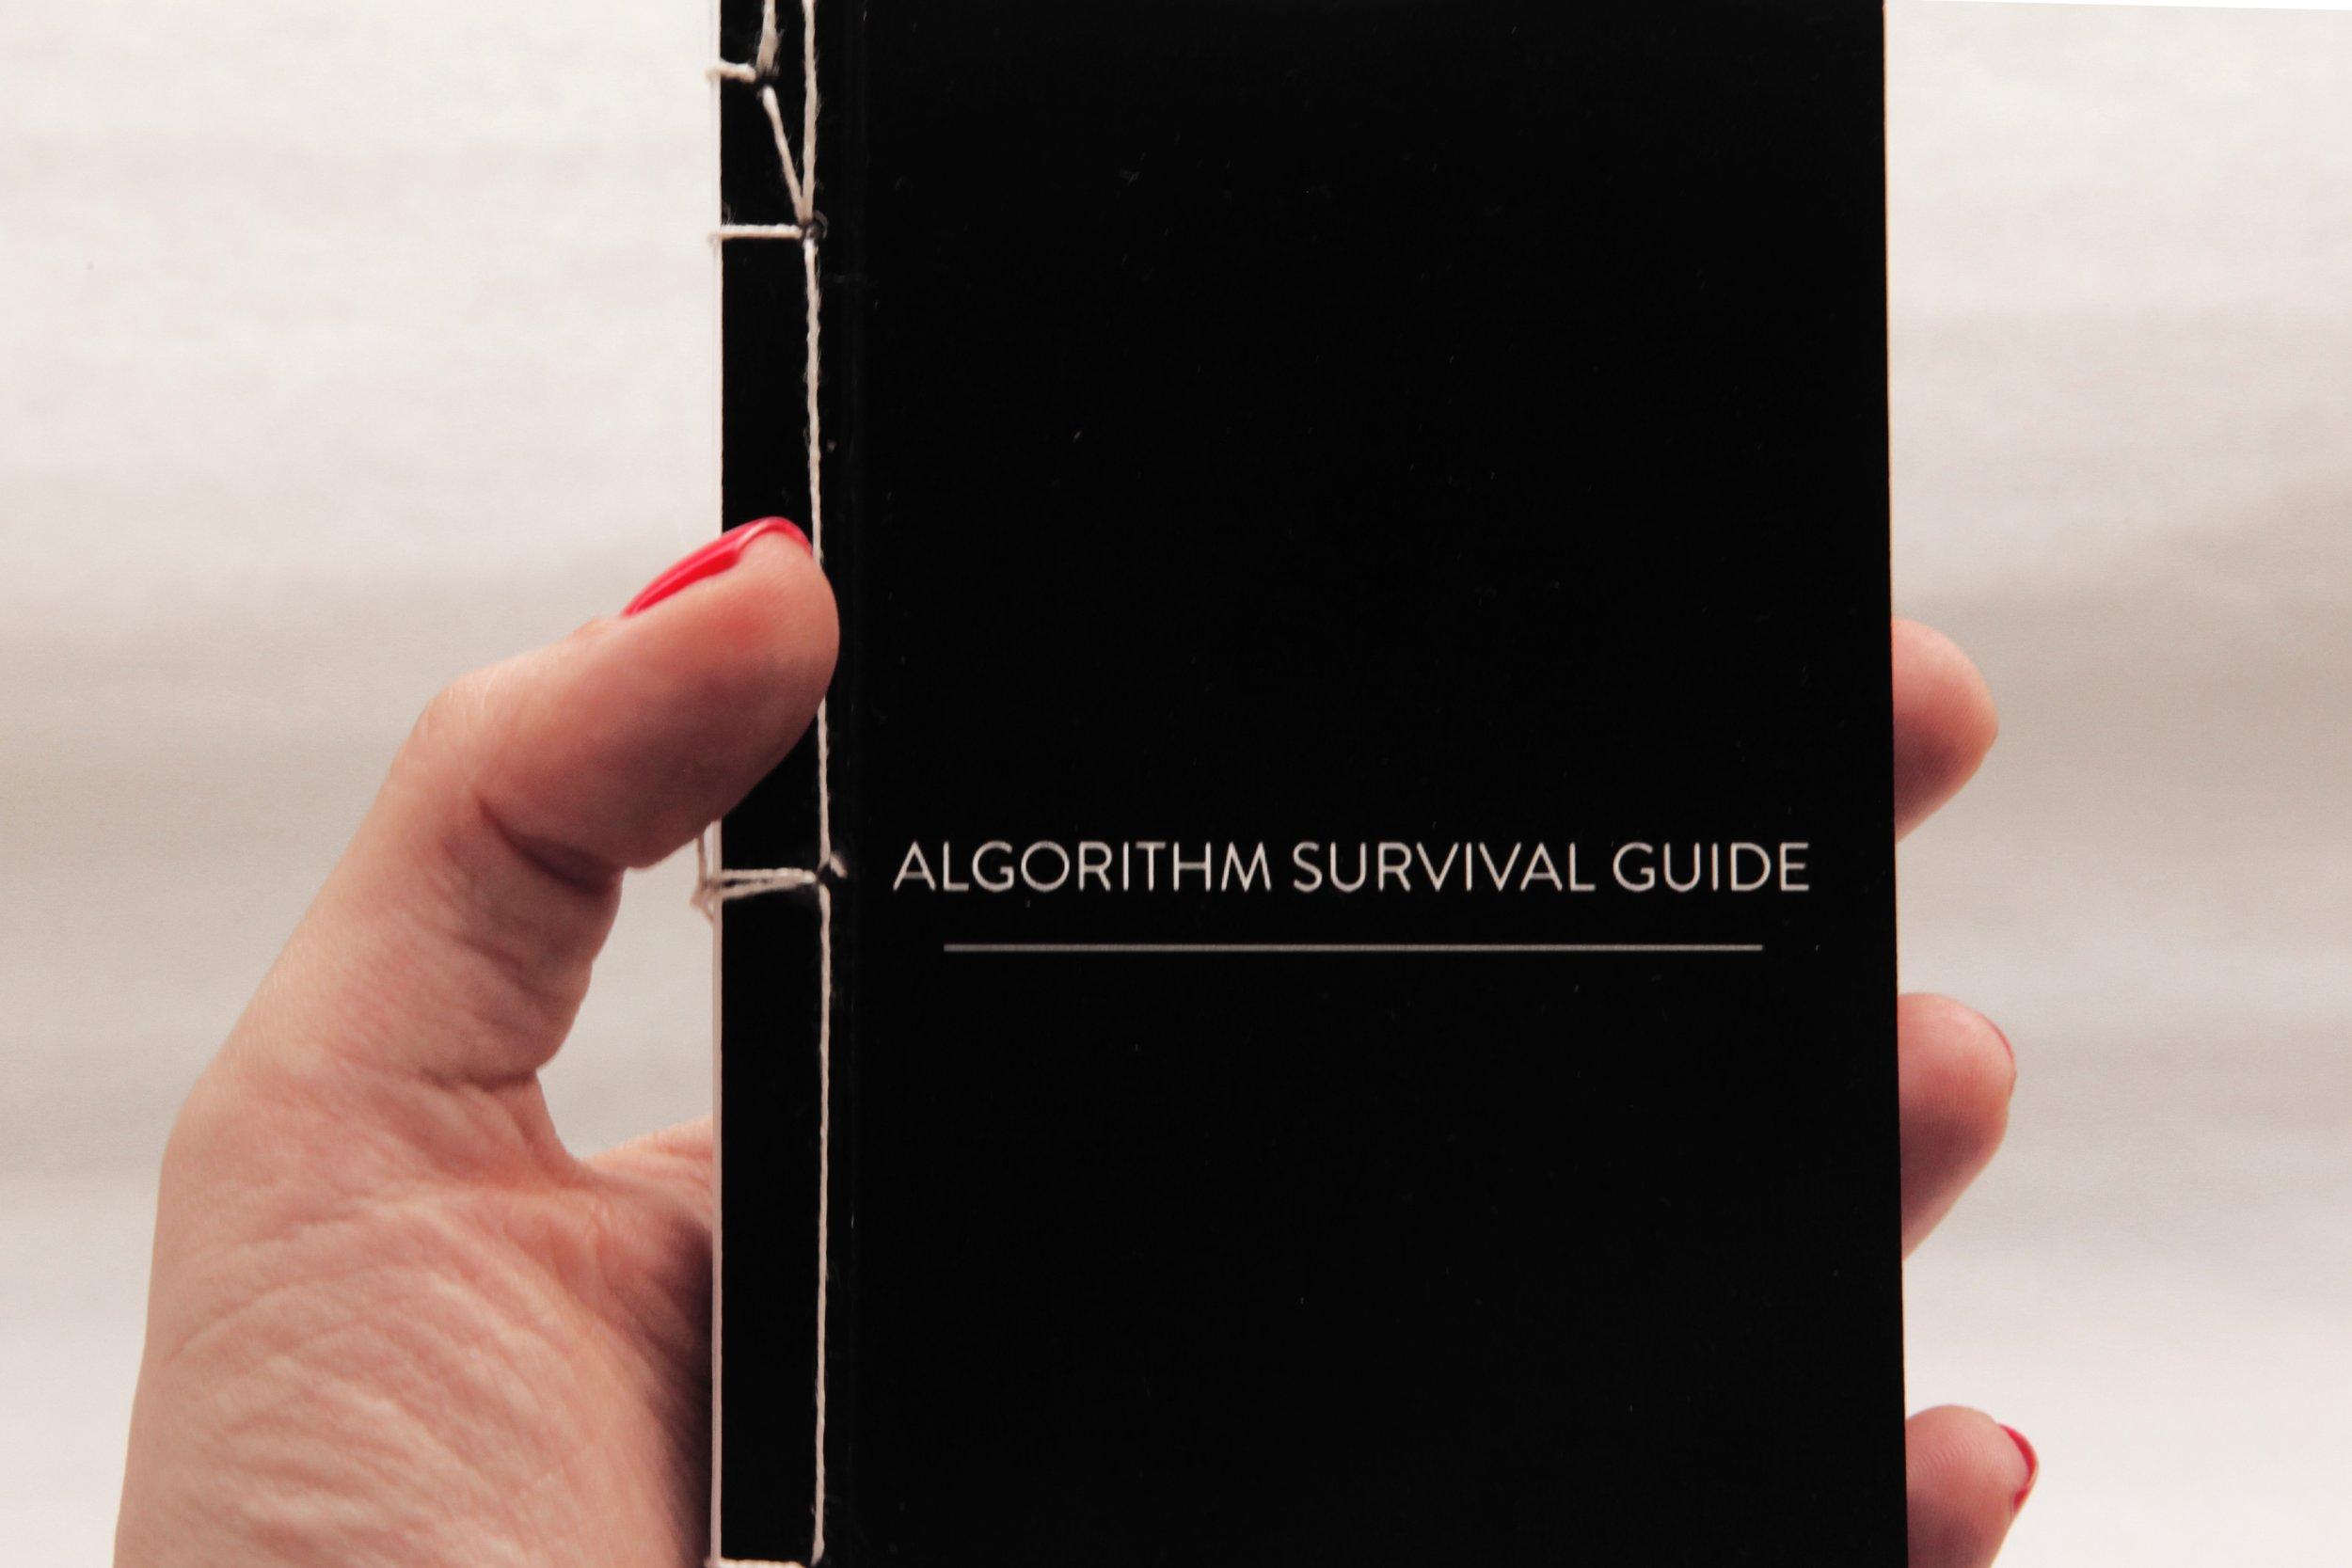 algorithm_guide_1-small-649.jpg